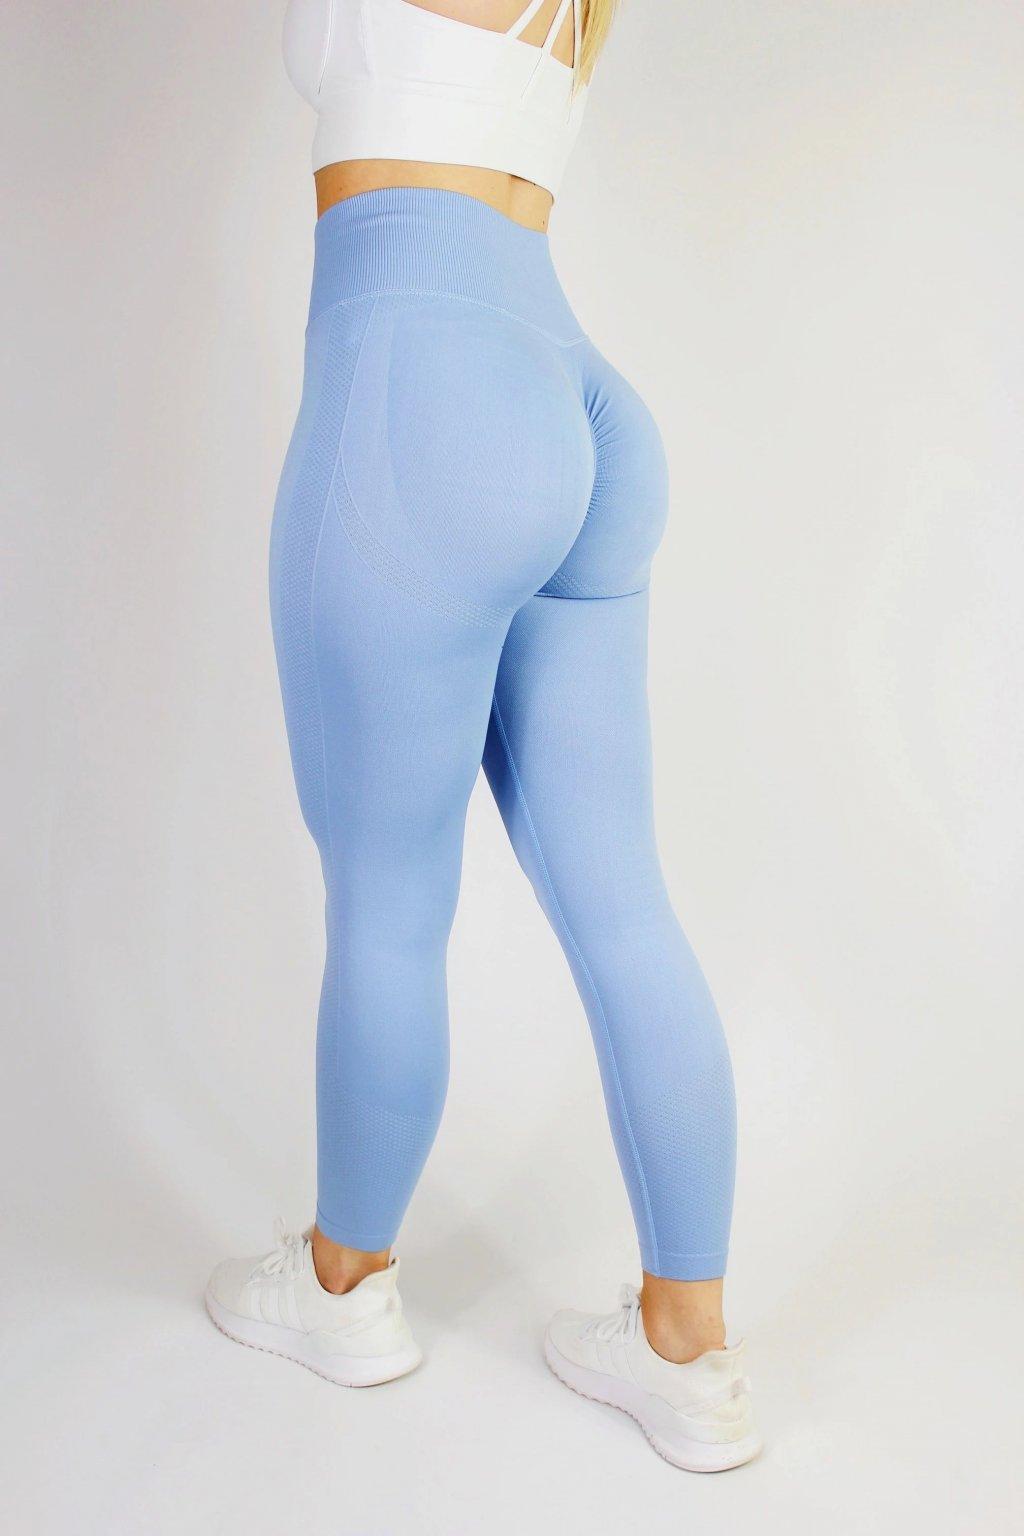 Dámské legíny Hugged Blue